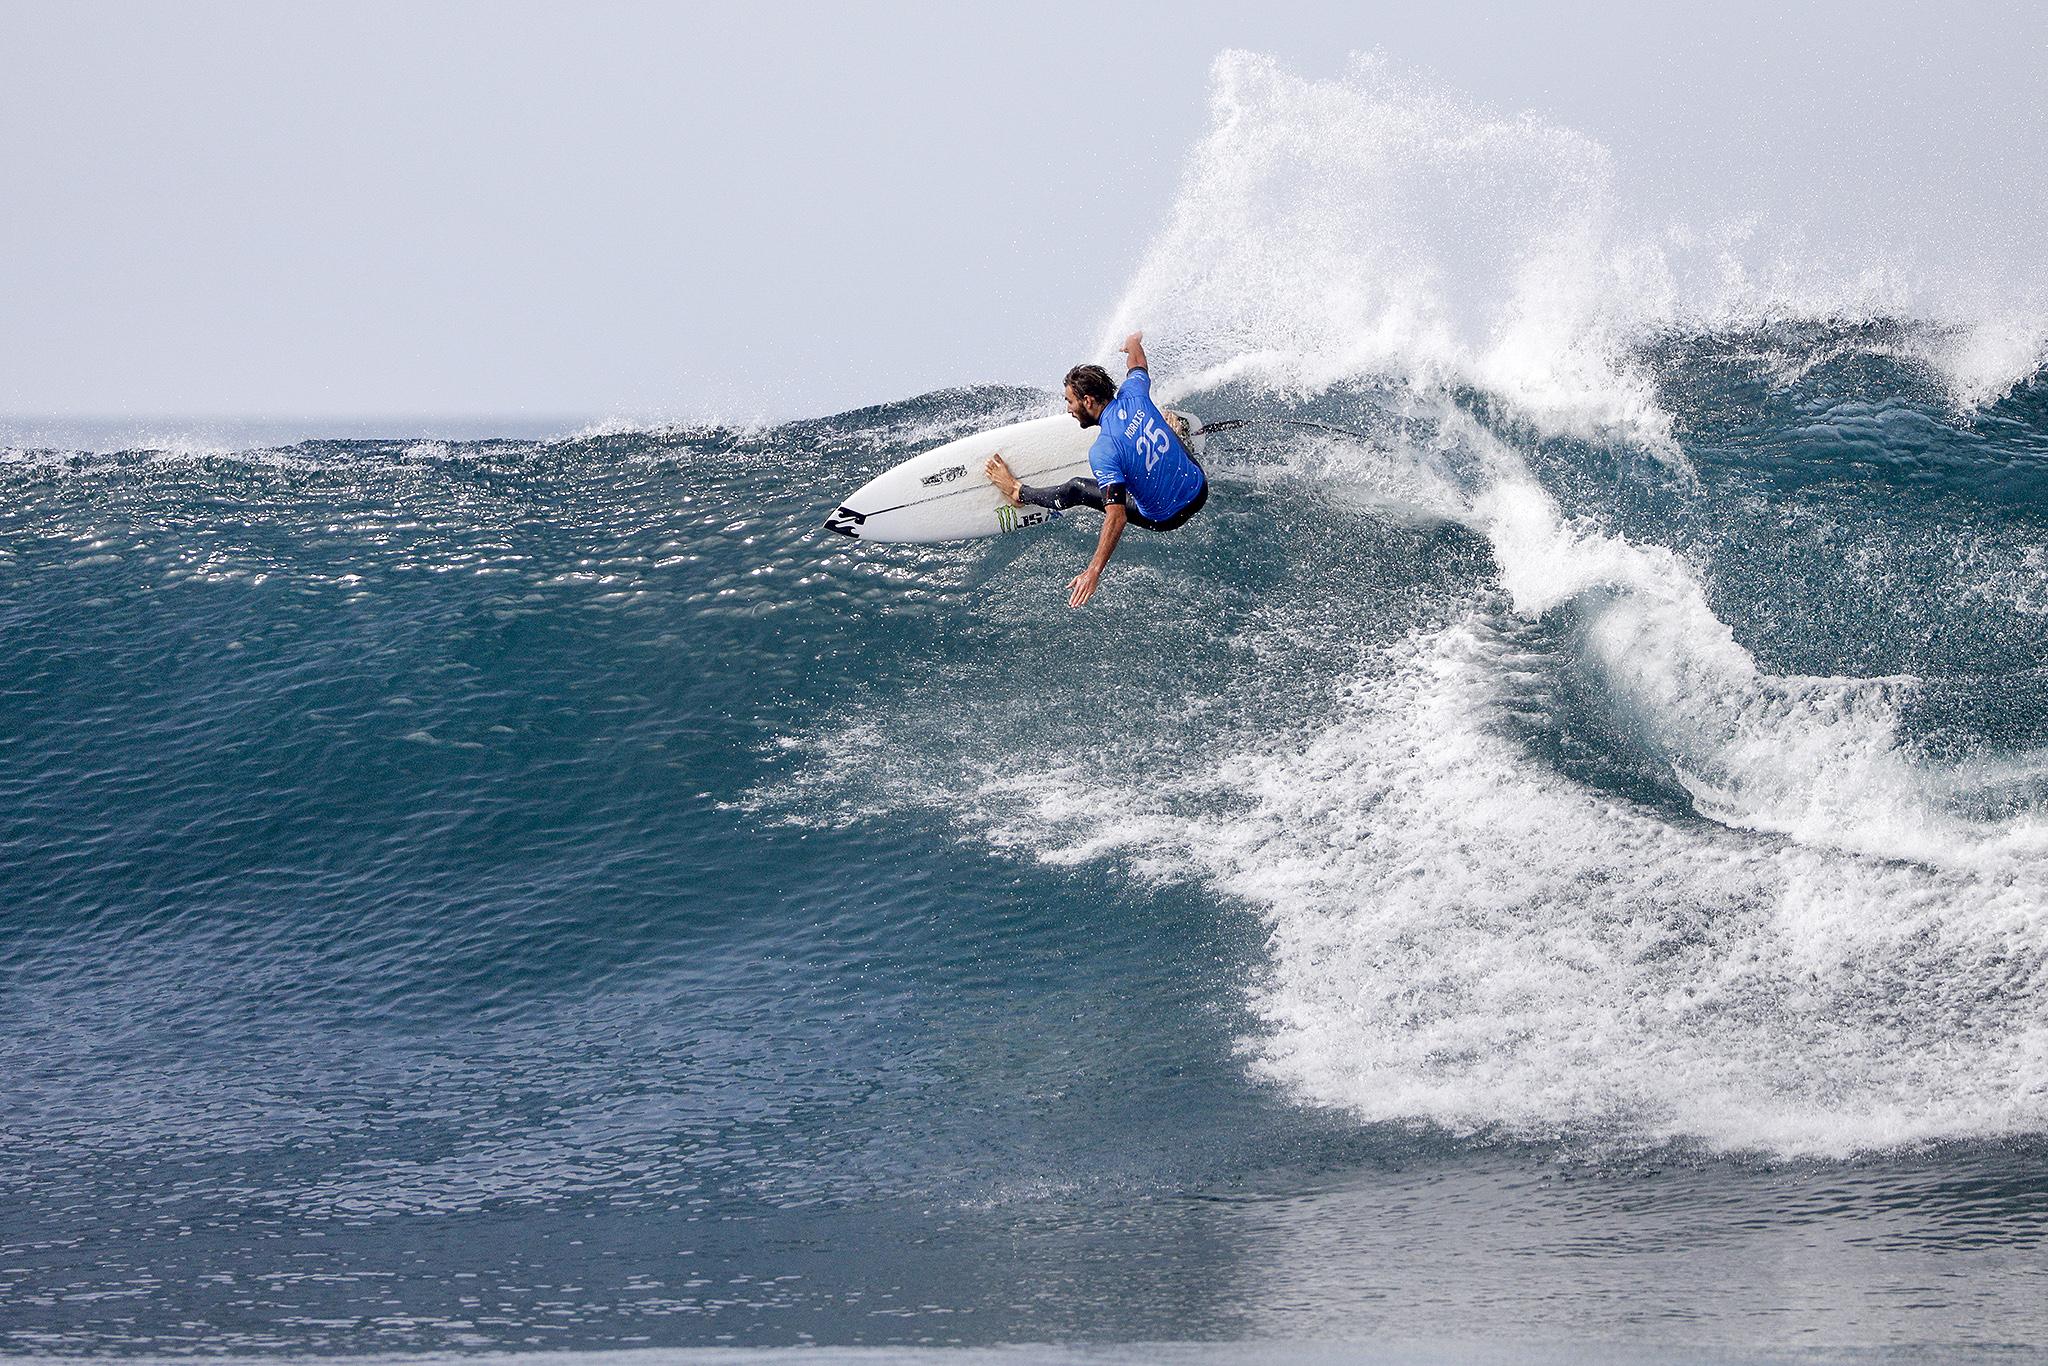 フレデリコ・モライス(PRT)がガブリエル・メディーナ(BRA)を破る。  PHOTO: © WSL / Barripp